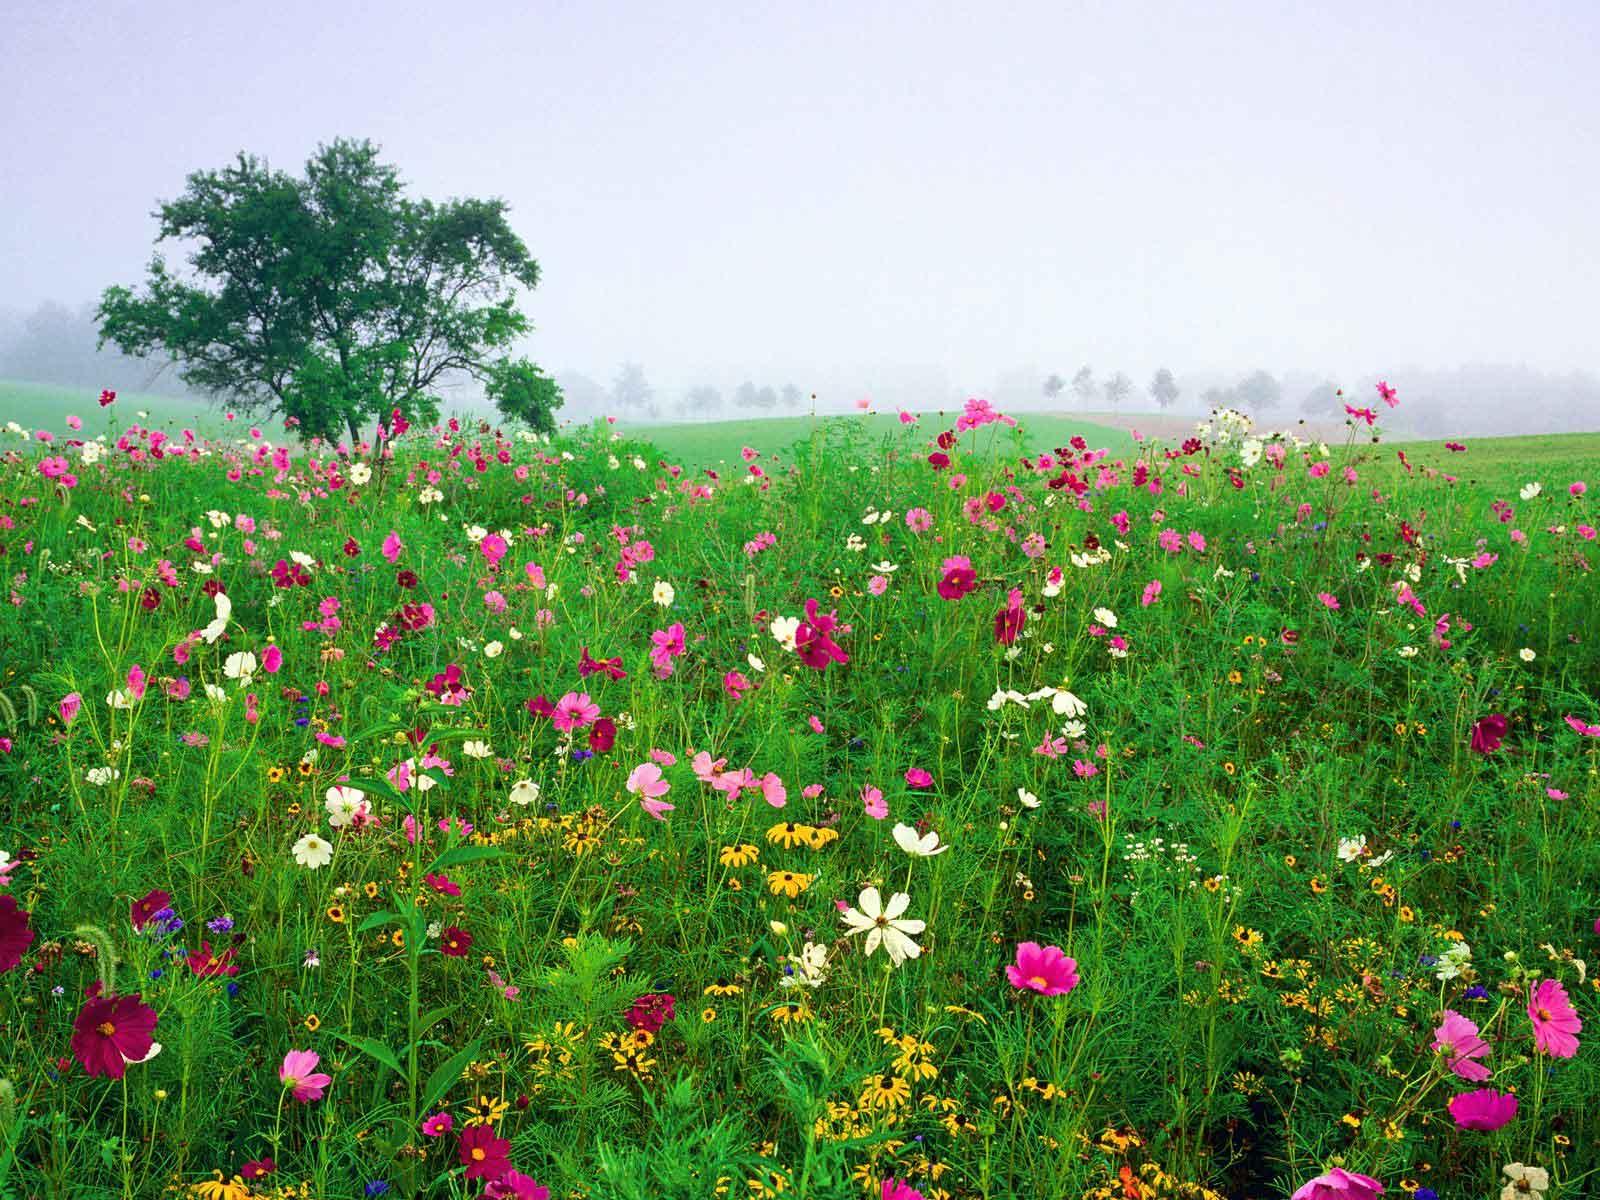 FLORES SILVESTRES SIGNIFICA LA LIBERTAD Y LA ALEGRÍA A MENUDO SON ...: unavidaenlosaromos.blogspot.com/2013/01/flores-silvestres.html